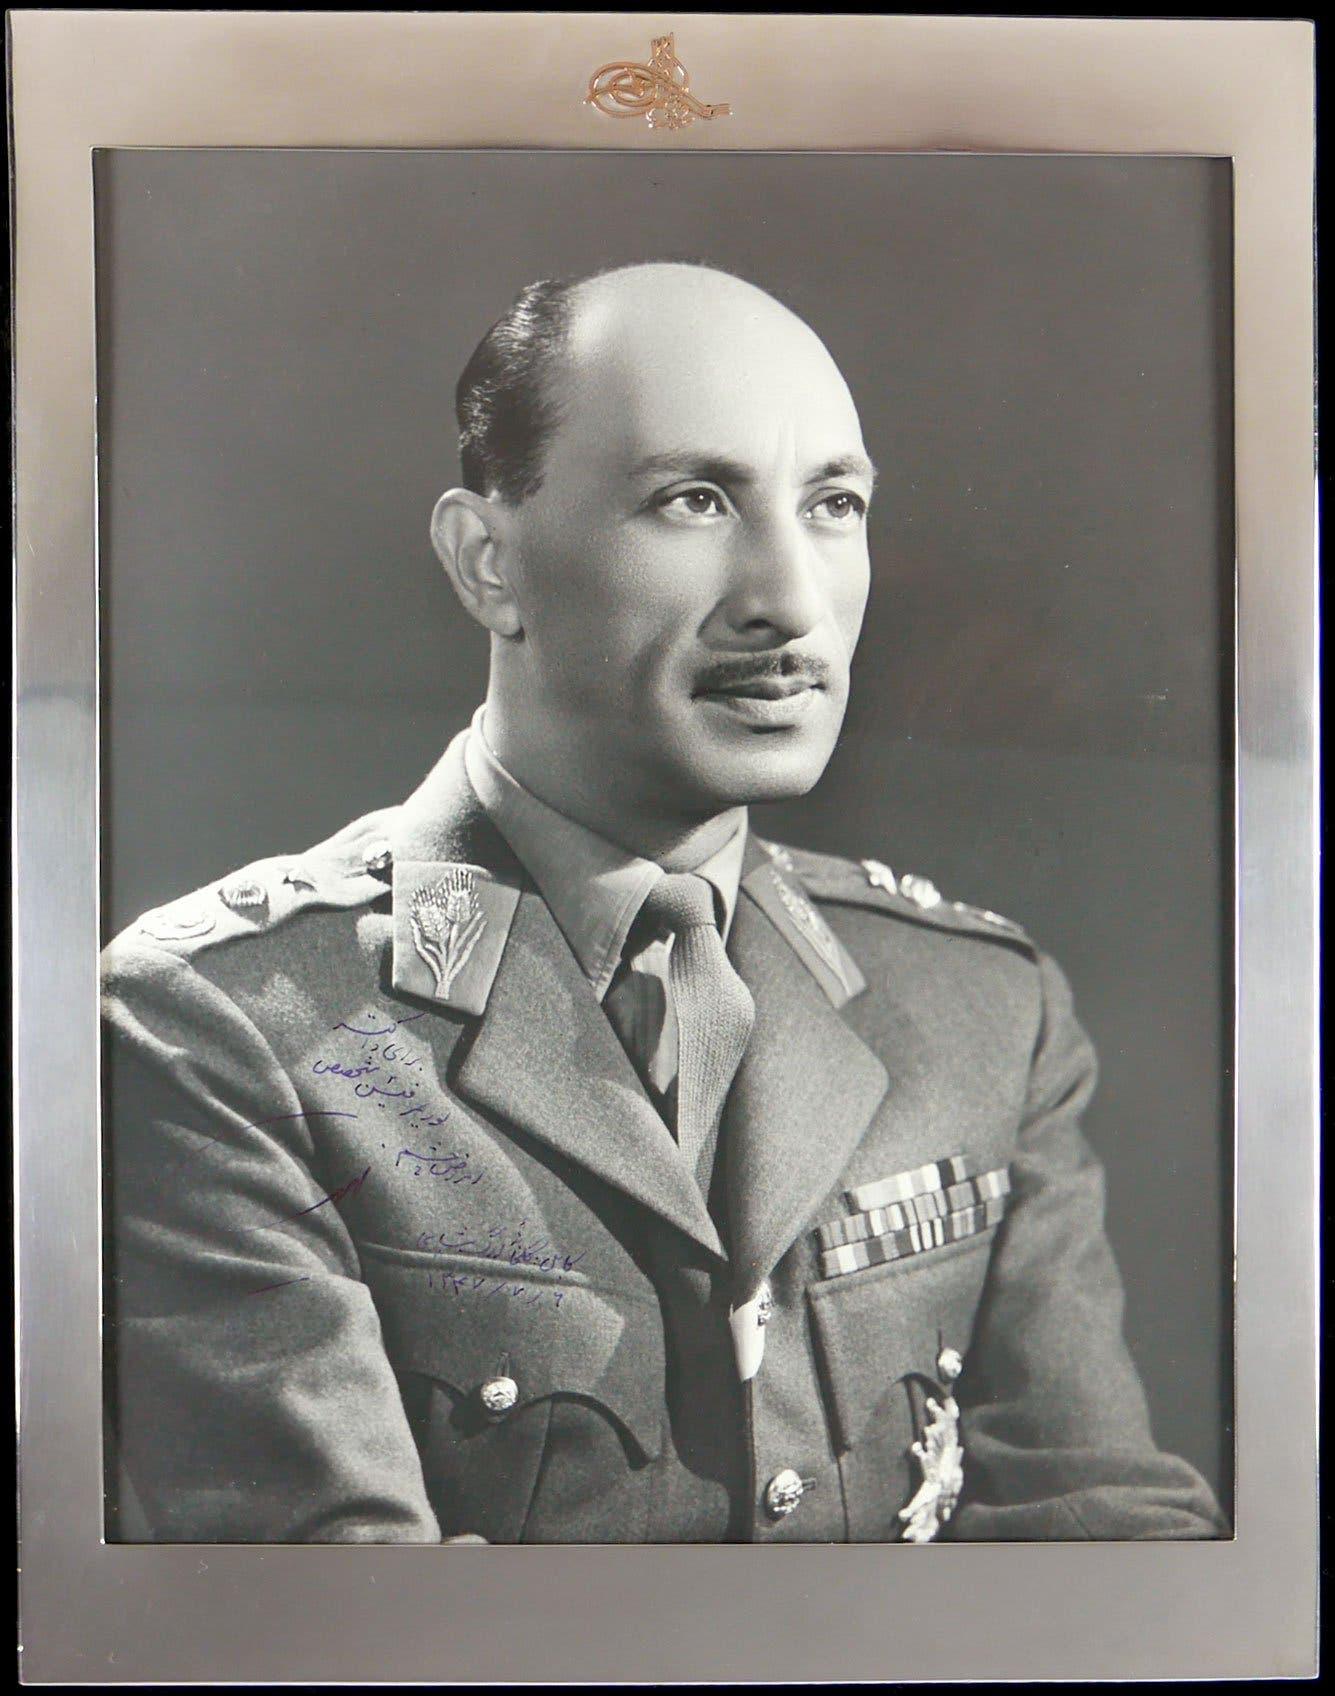 صورة للملك الأفغاني محمد ظاهر شاه بالزي العسكري